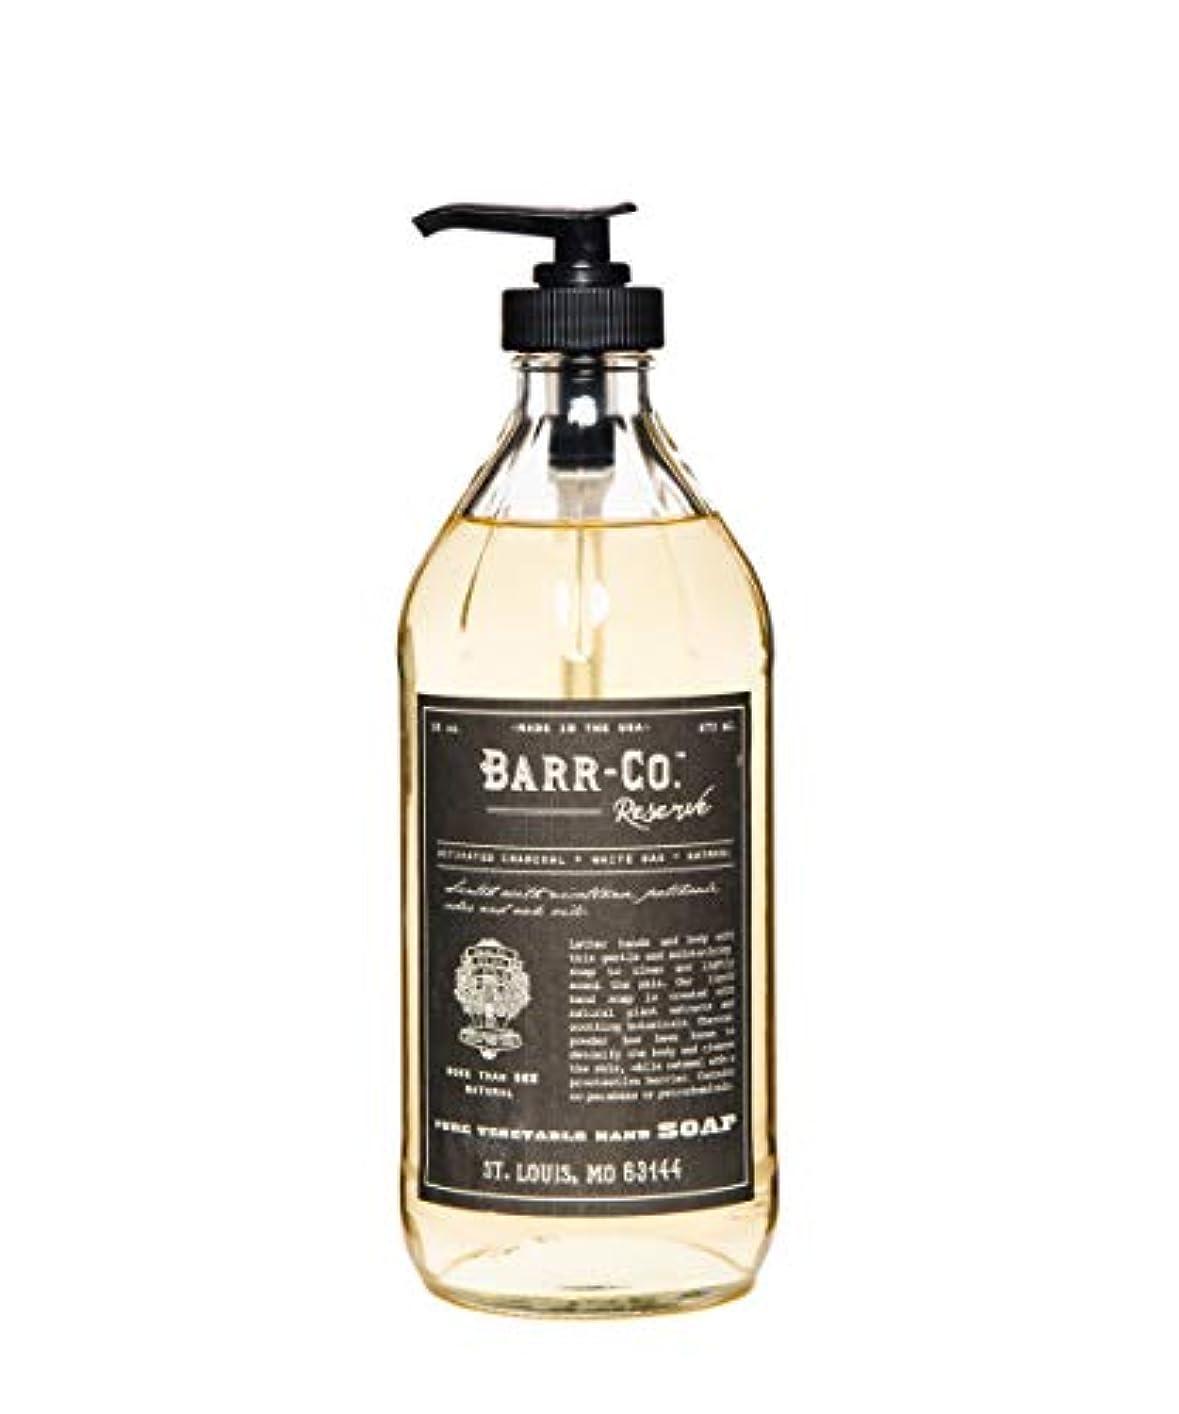 バーコ(BARR-CO.) BARR-CO./ハンドソープ リザーブ 石鹸 473ml